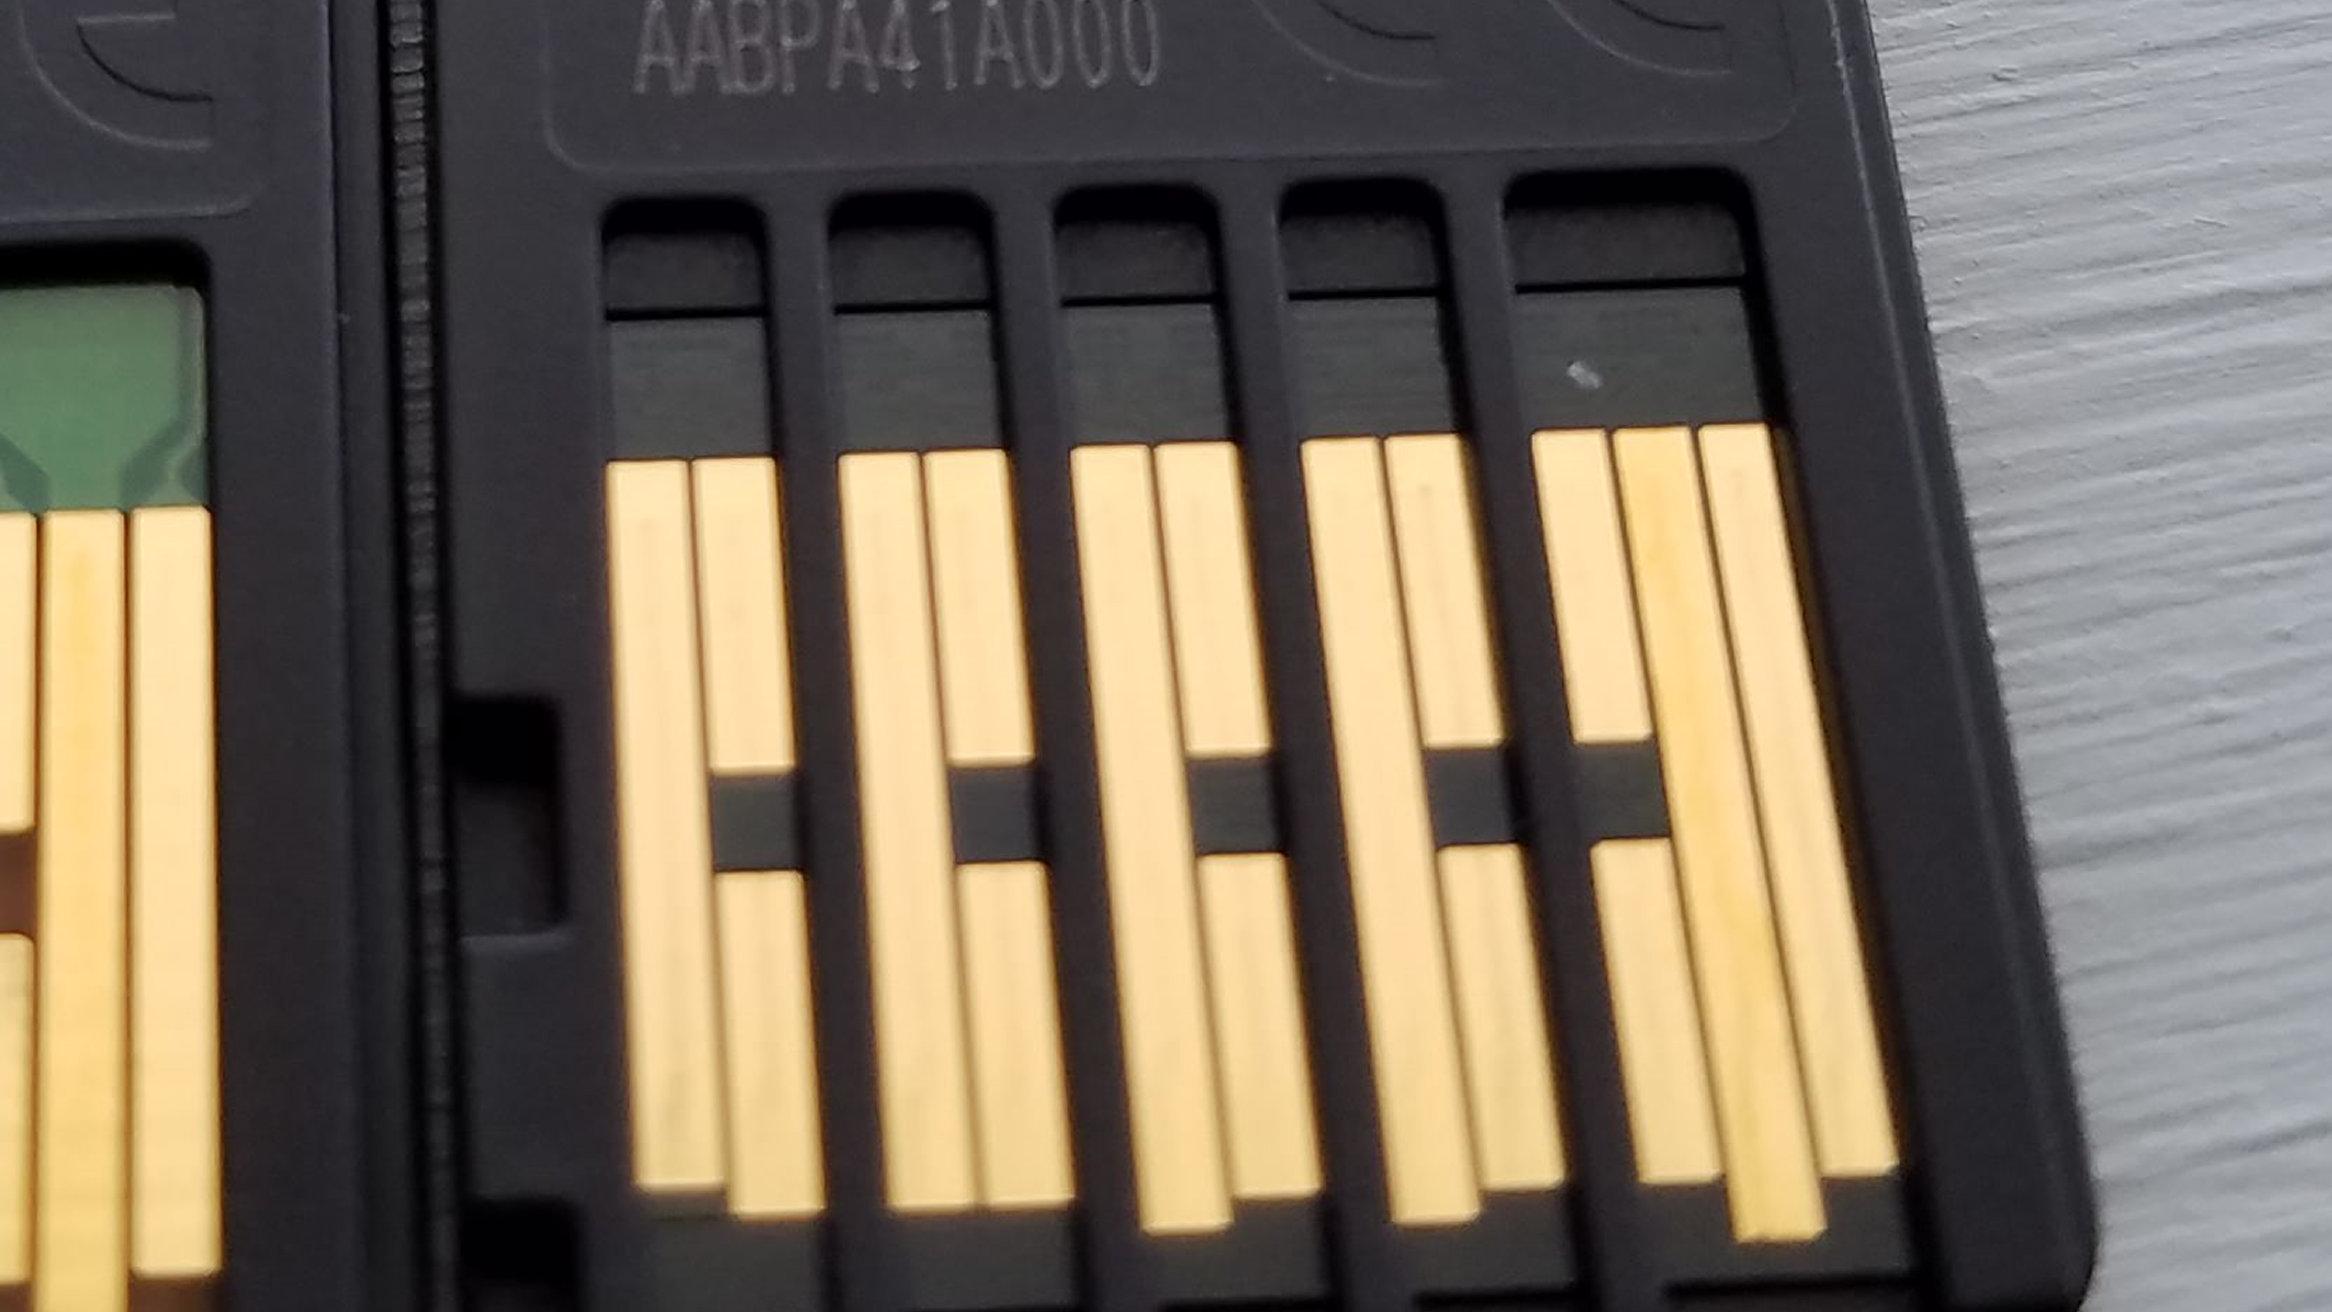 ニンテンドースイッチ、夢が広がる64GBゲームカードの出荷